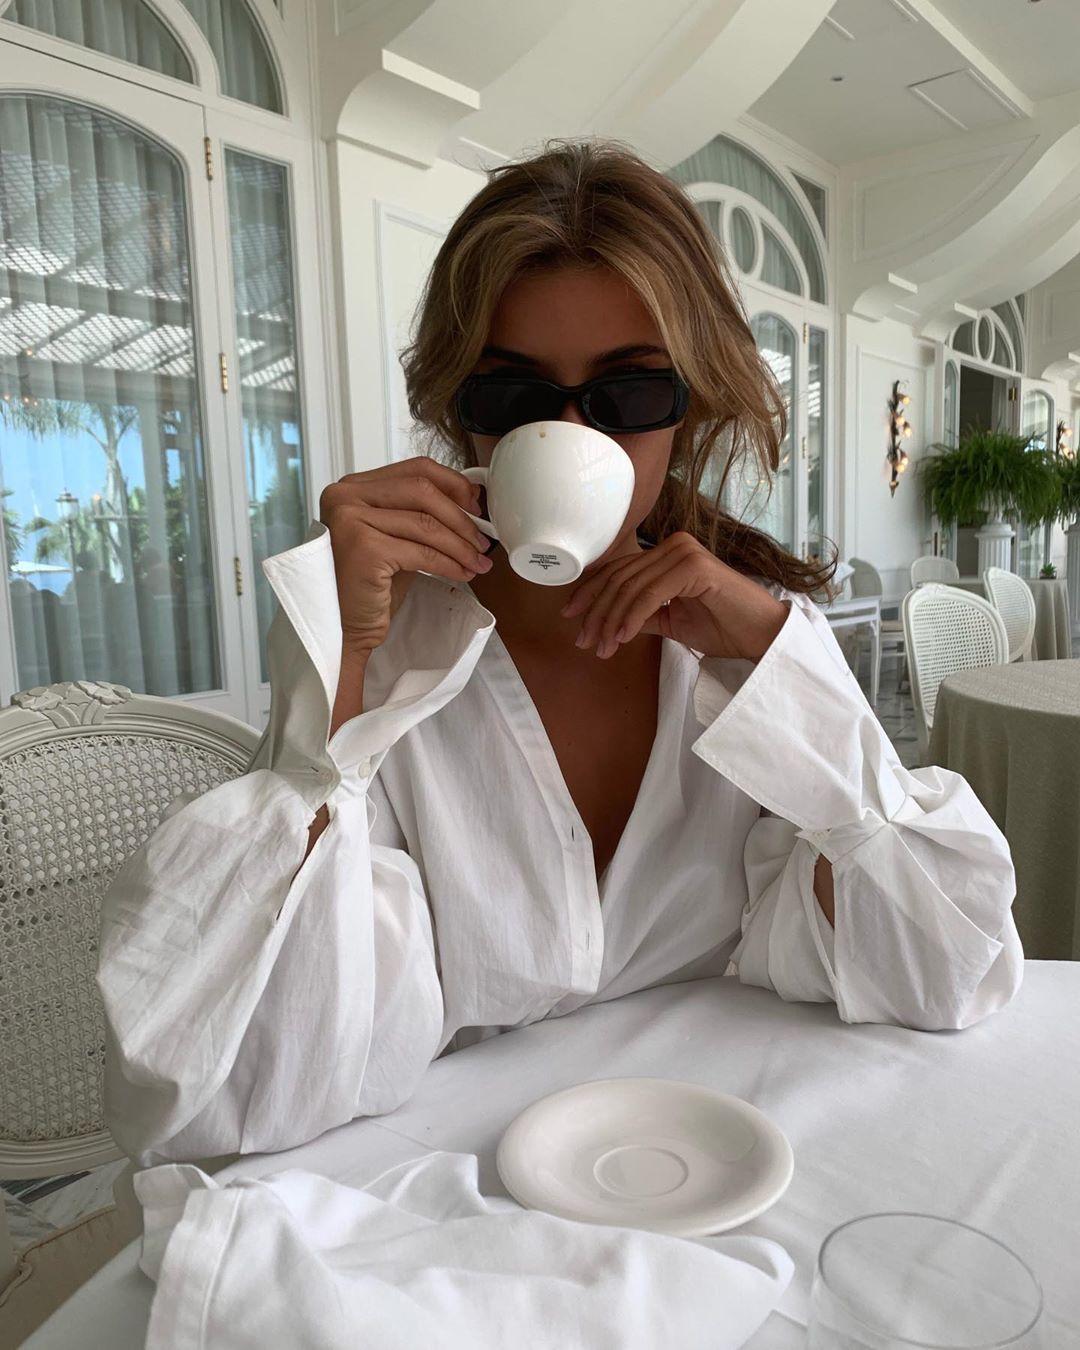 Стильная девушка в темных очках пьет кофе